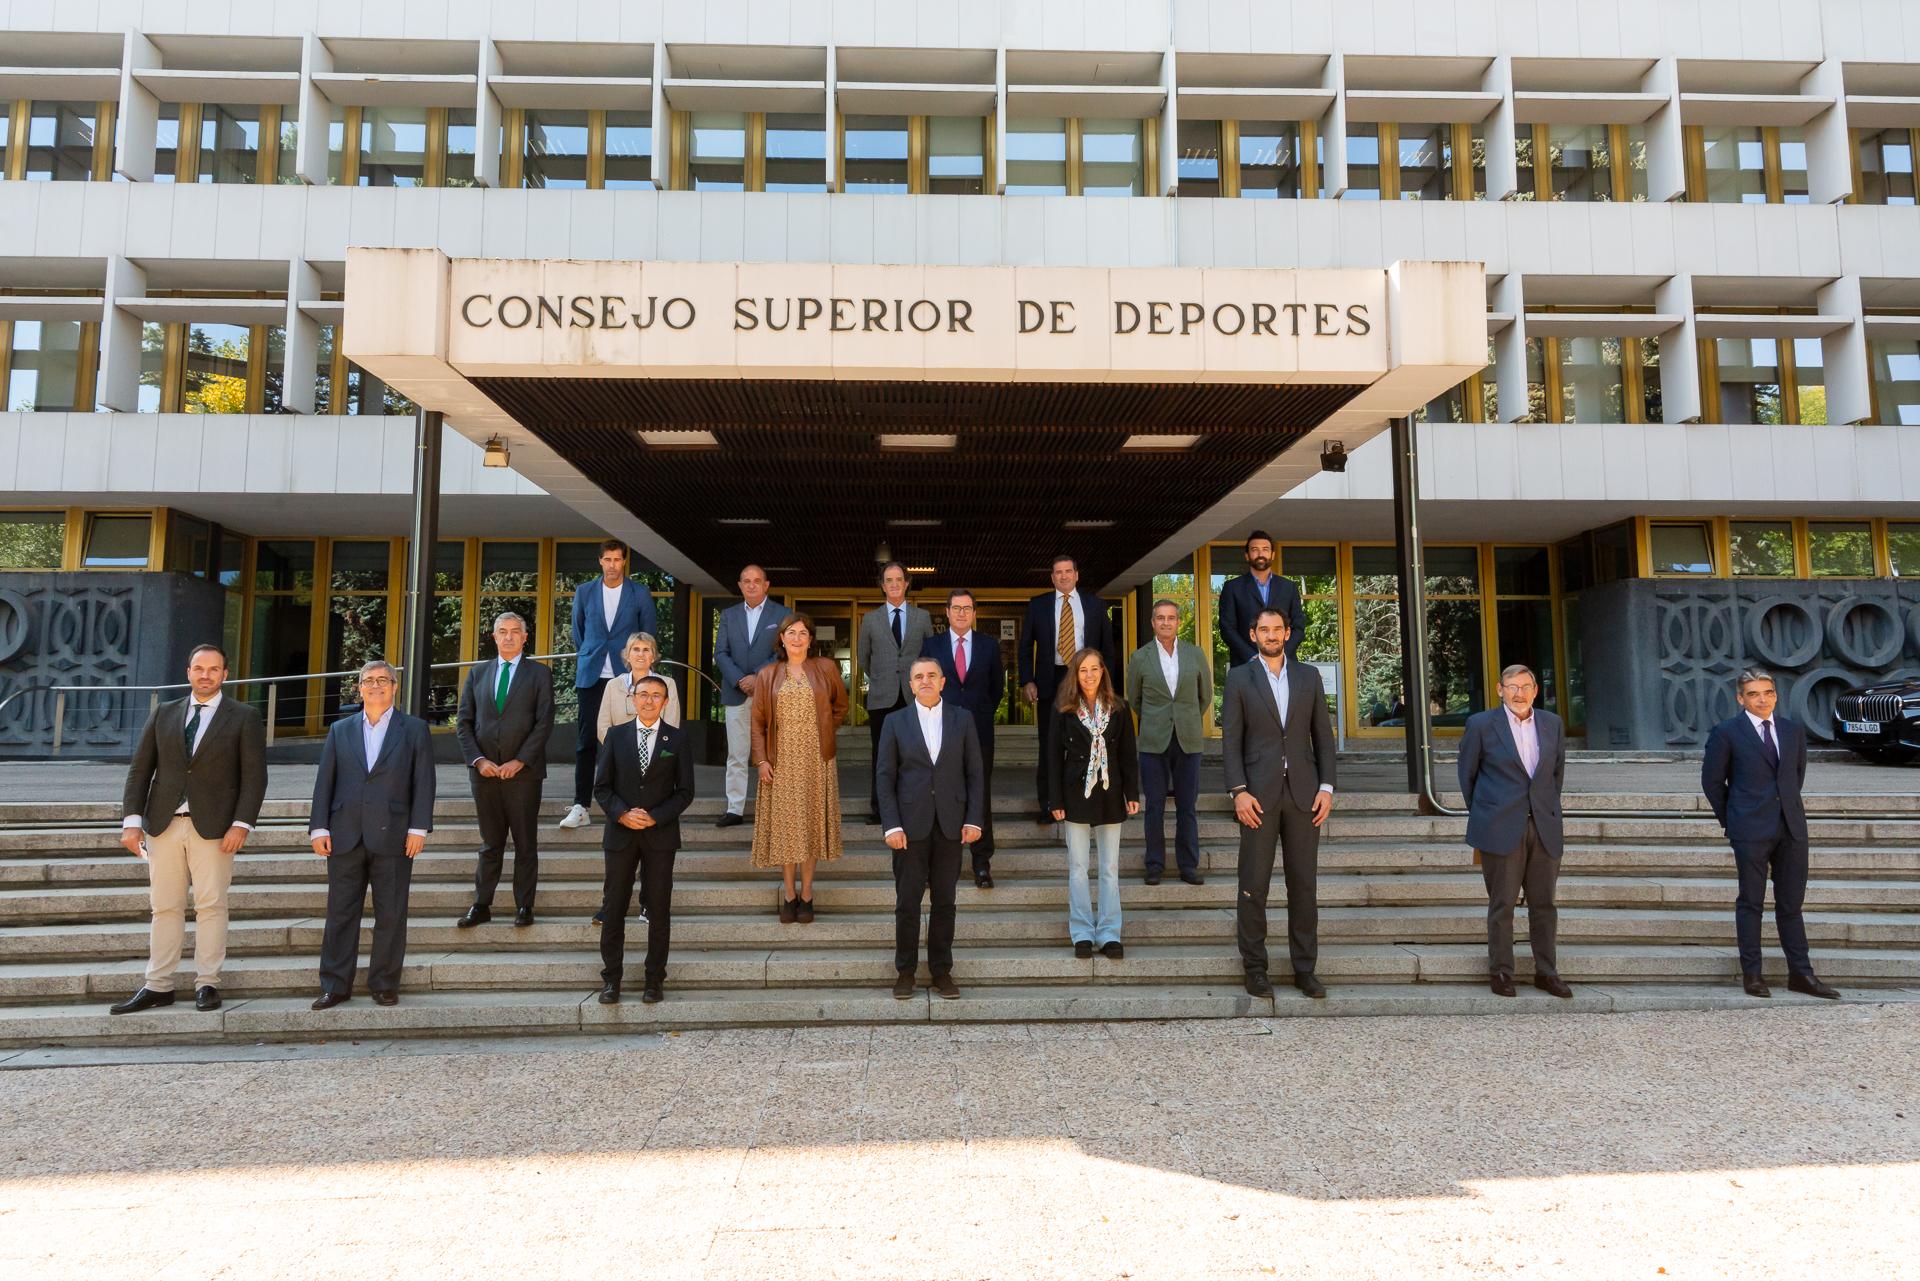 Antonio Garamendi, Presidente de la CEOE, se incorpora como nuevo miembro del Consejo Asesor del Deporte  Español